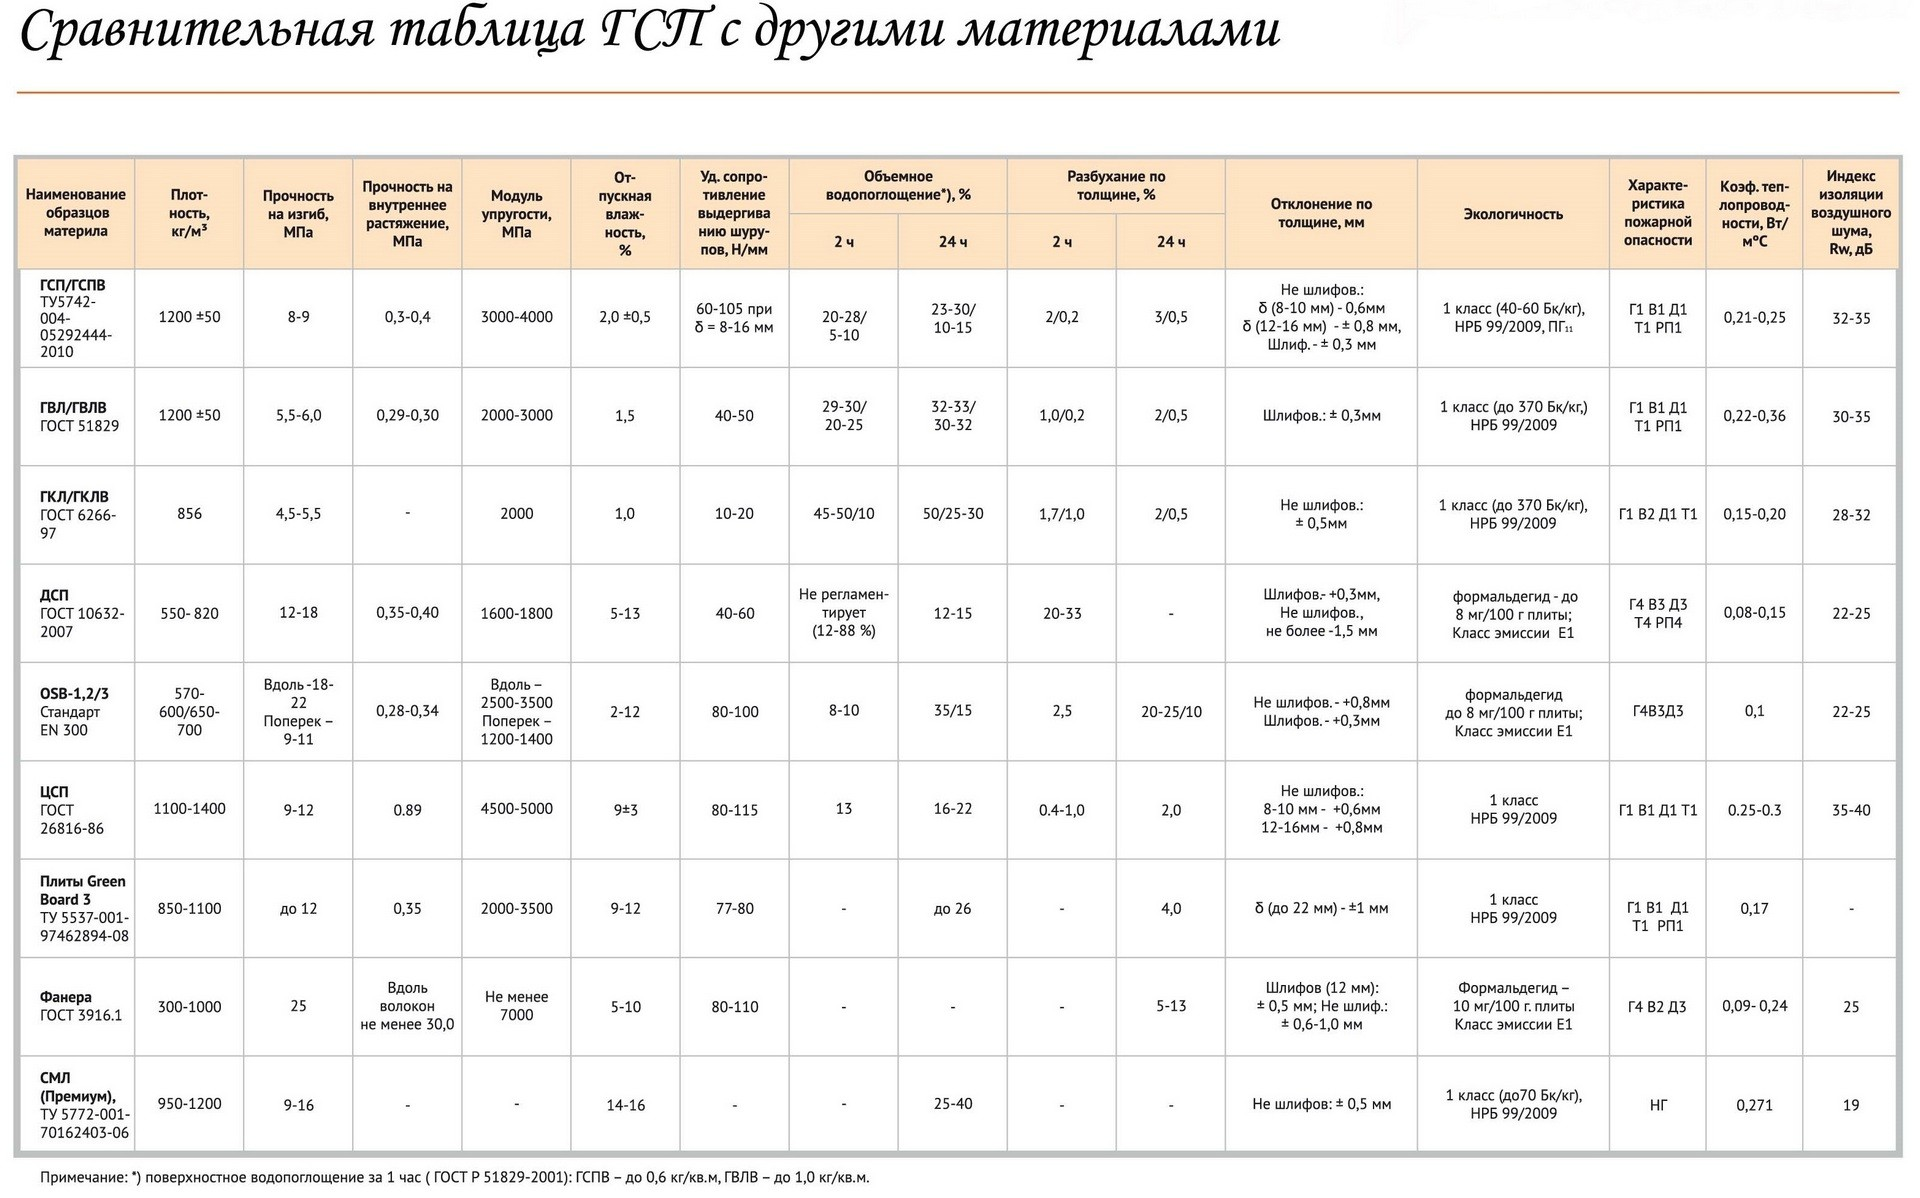 Таблица материалов утеплителя